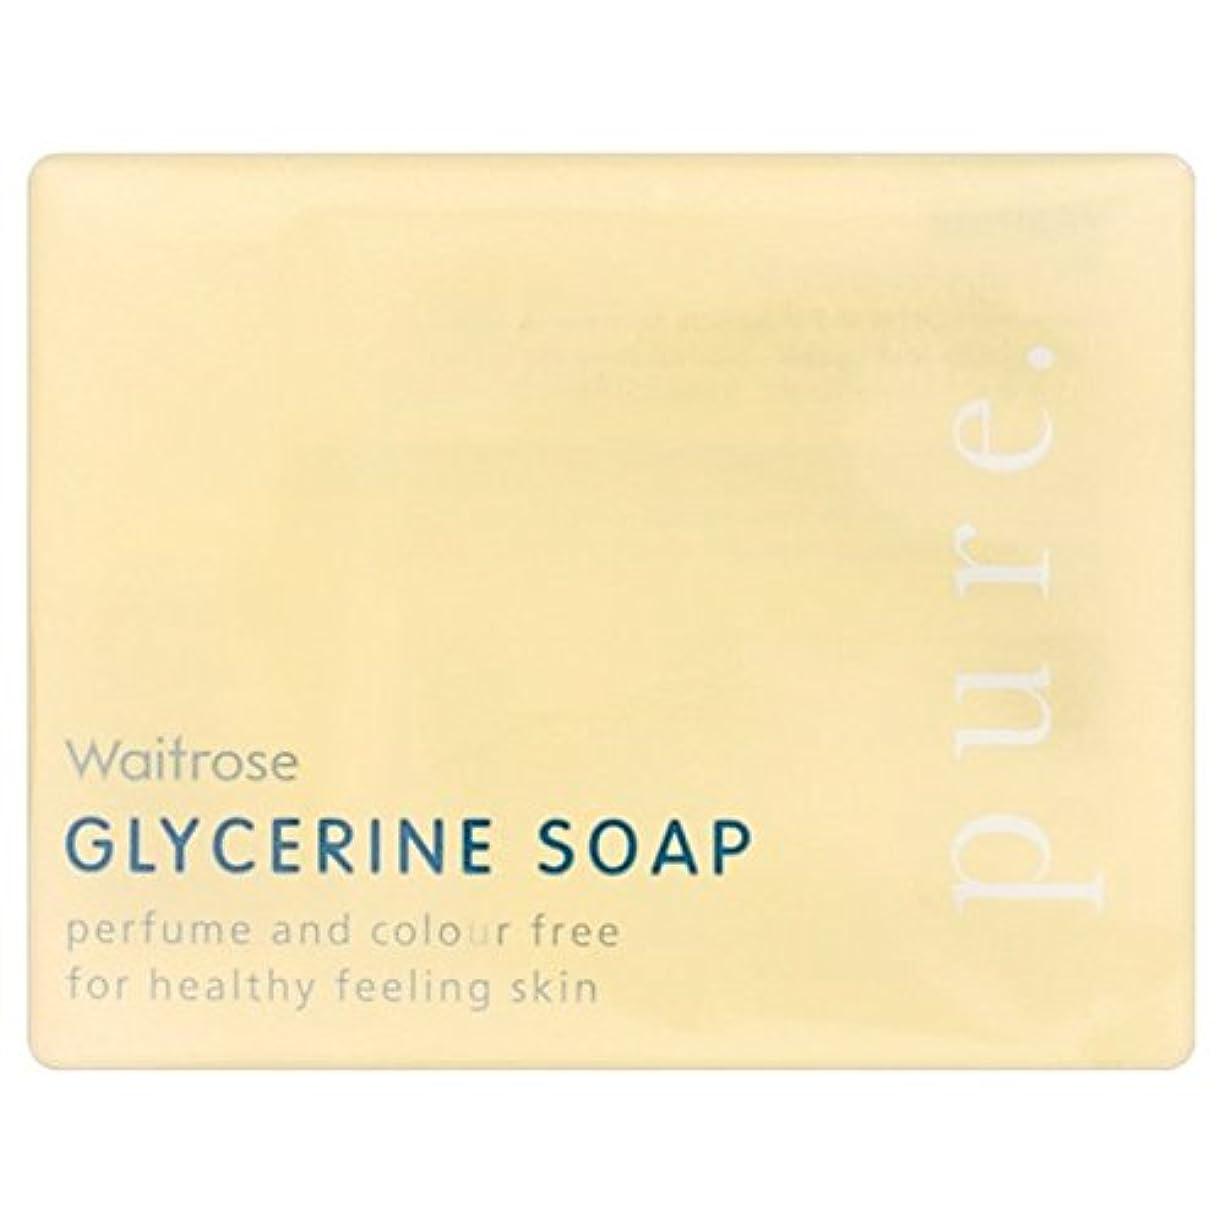 慰めエクスタシースクラップブック純粋なグリセリンソープウェイトローズの100グラム x2 - Pure Glycerine Soap Waitrose 100g (Pack of 2) [並行輸入品]